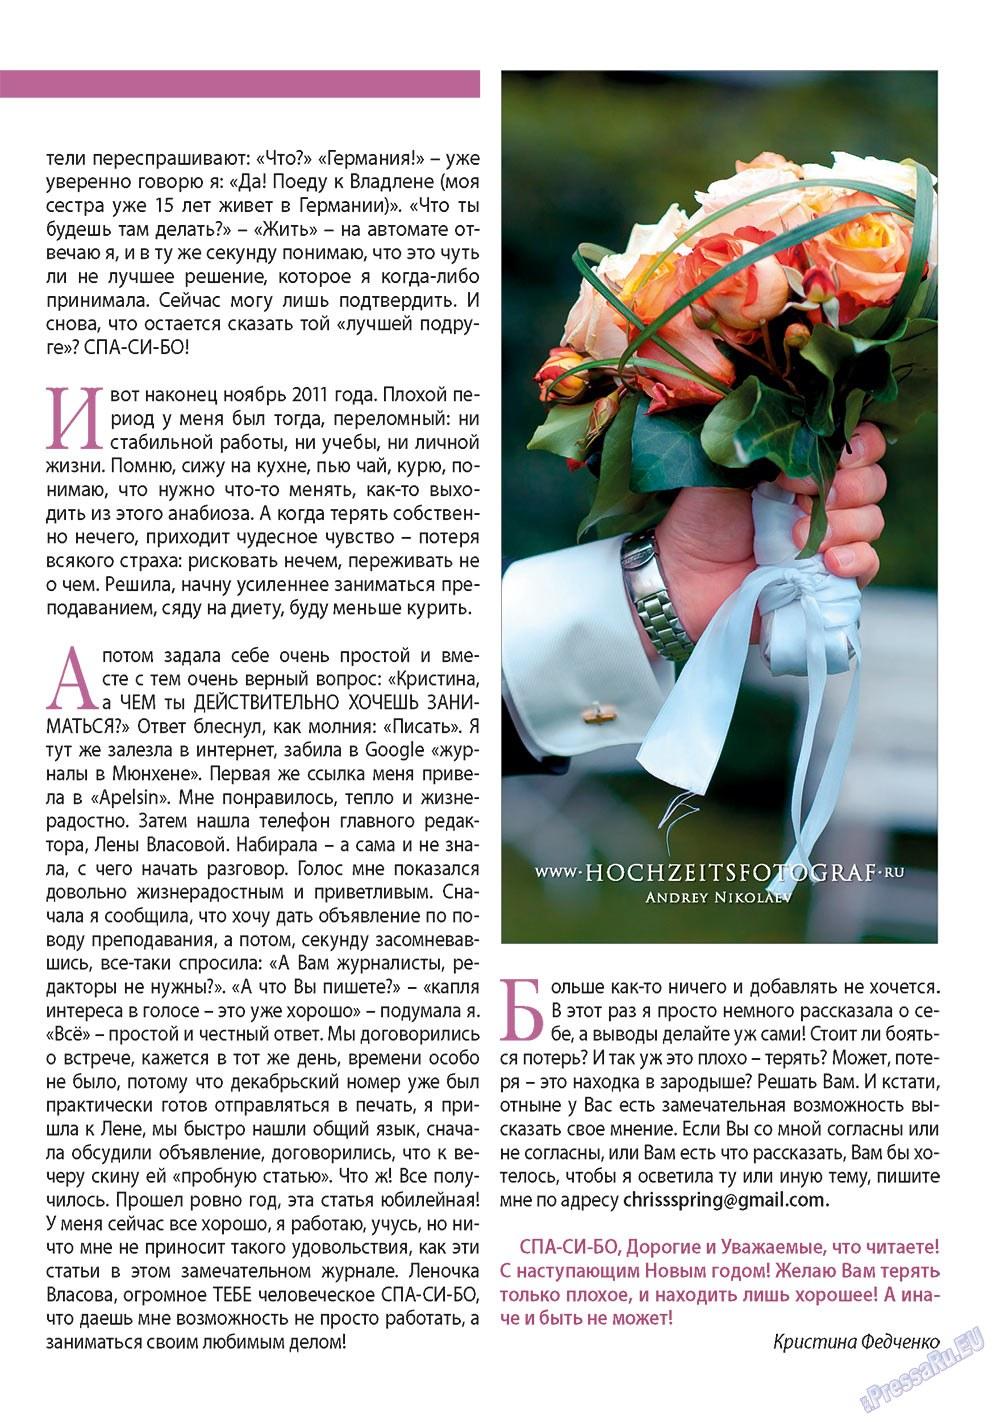 Апельсин (журнал). 2012 год, номер 41, стр. 41